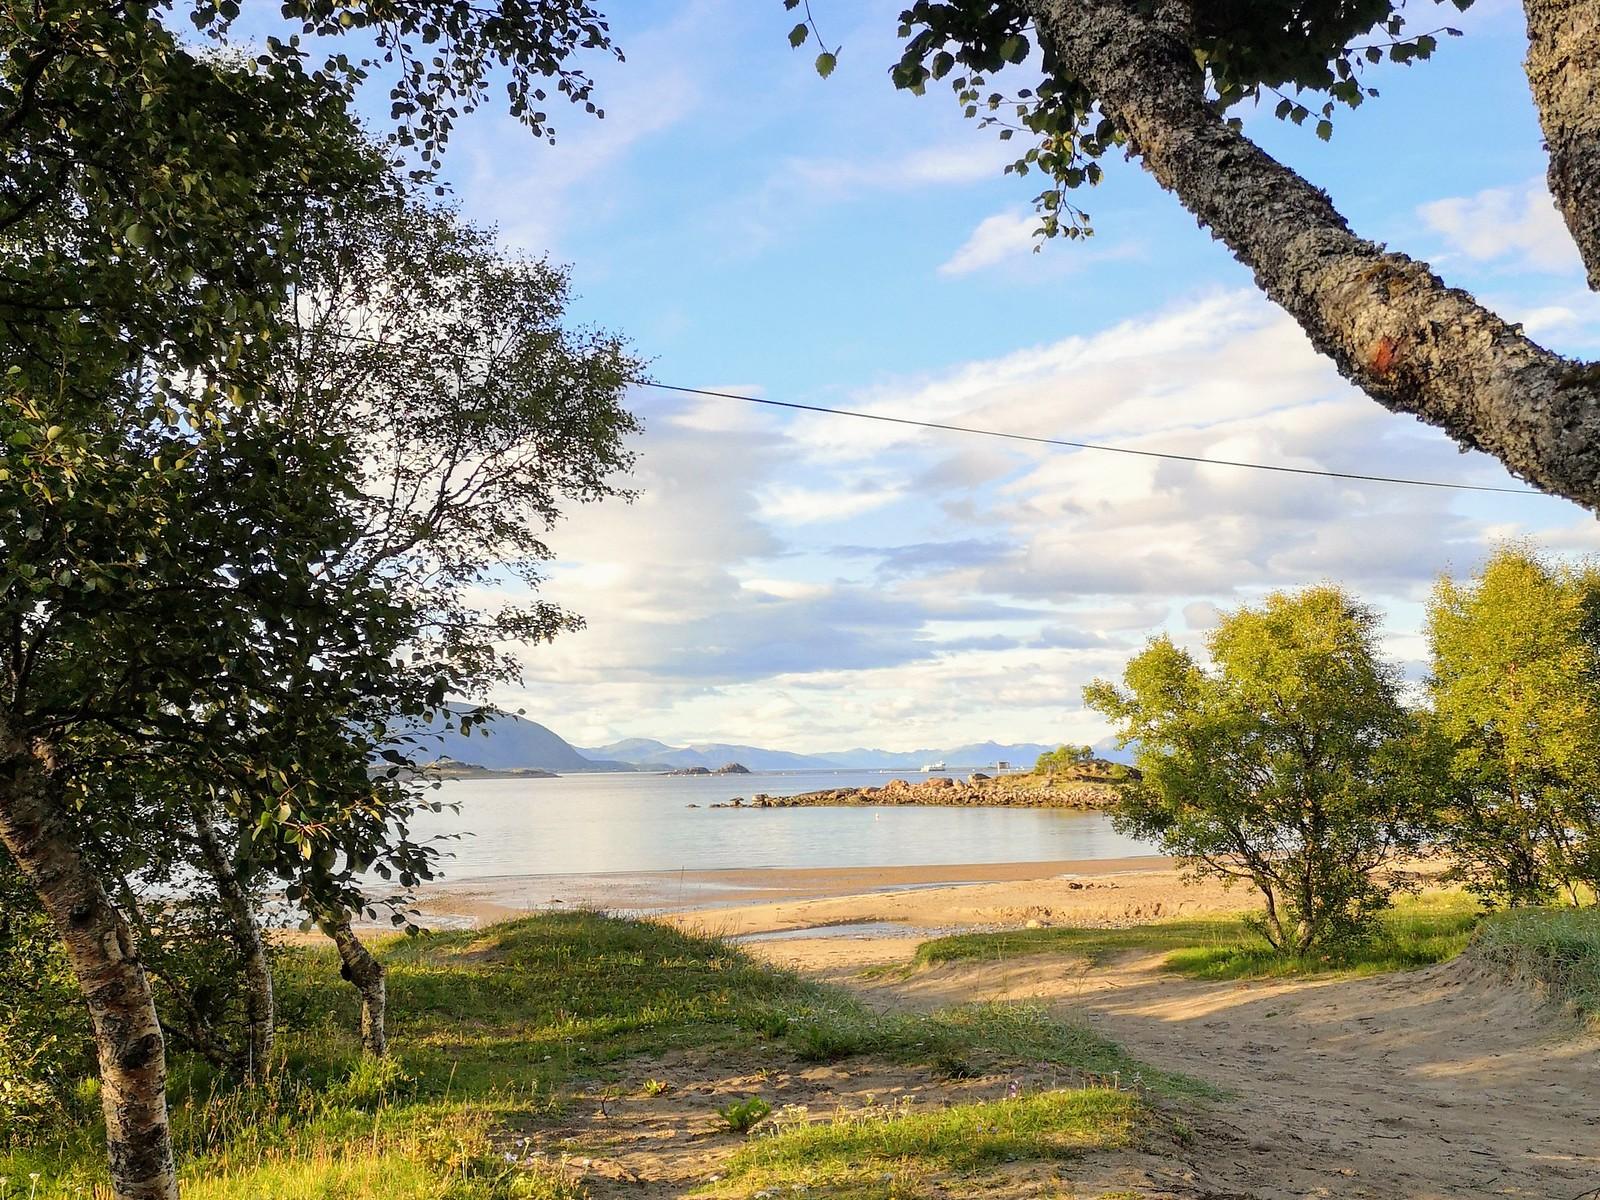 Hessand beach